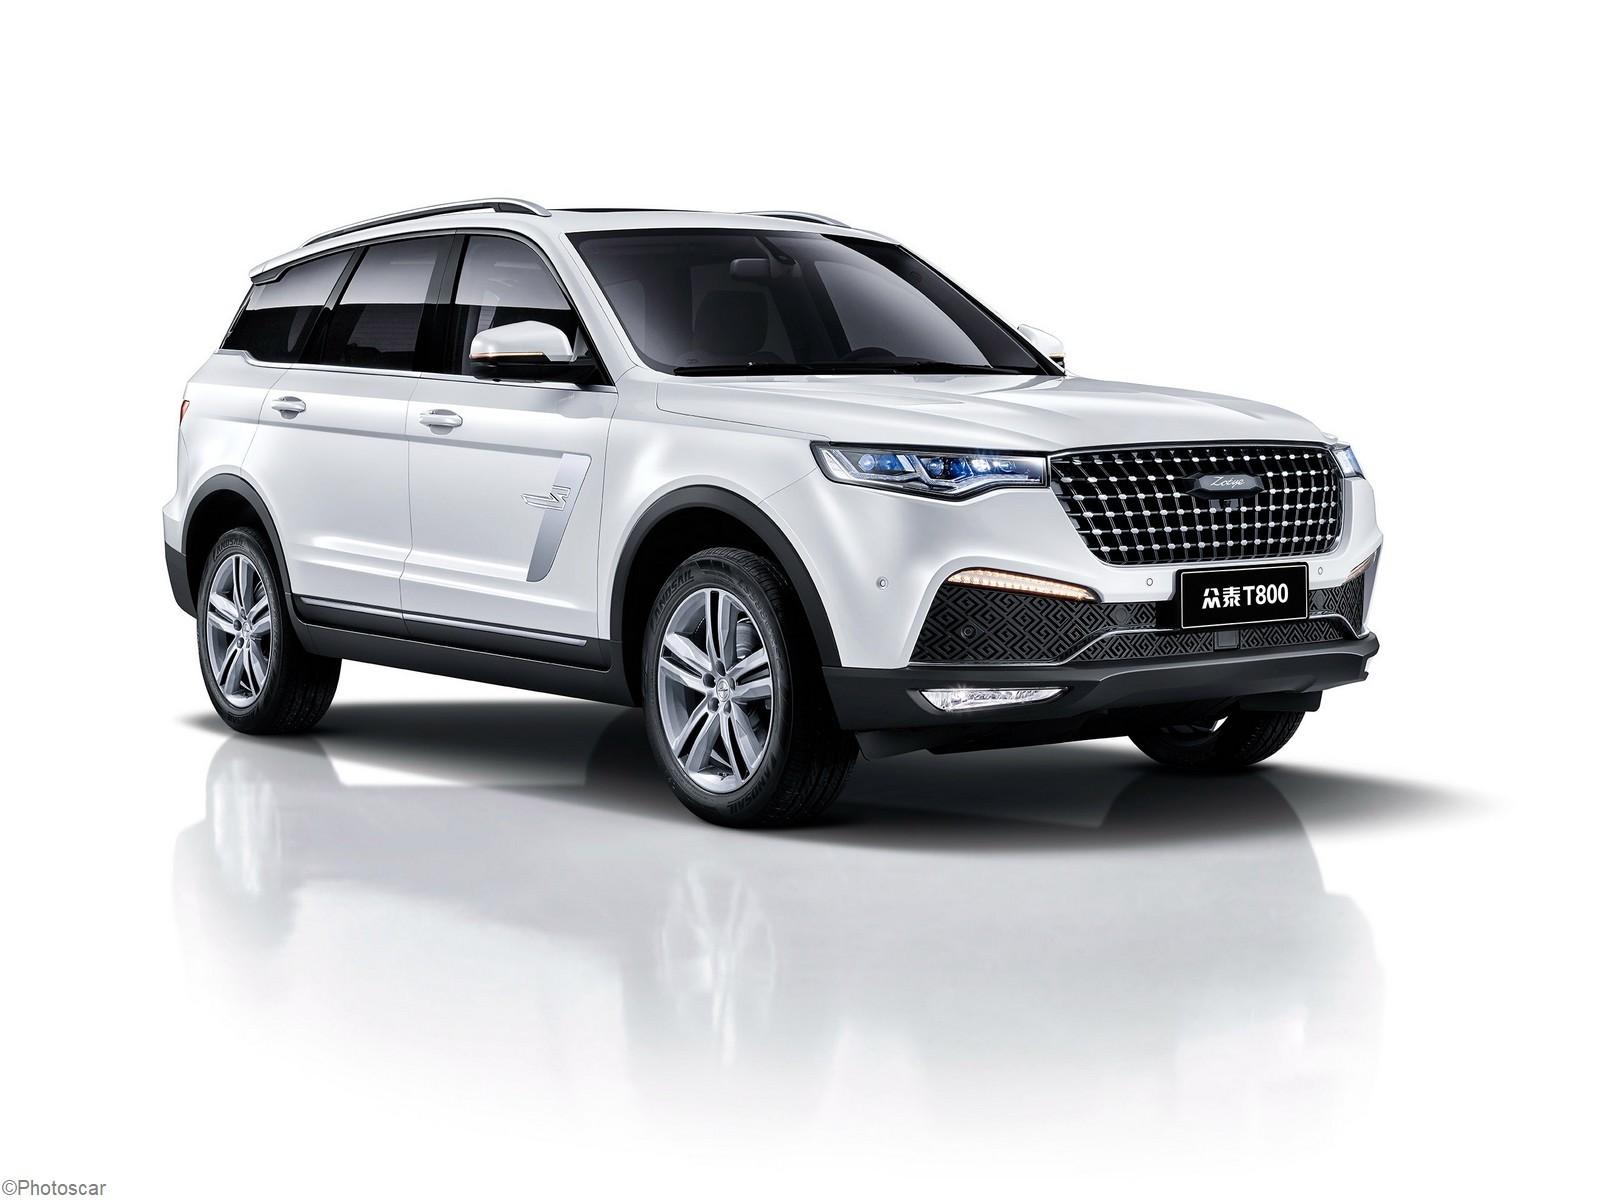 Zotye T800 2018 – VUS qui ressemble beaucoup au Range Rover Sport